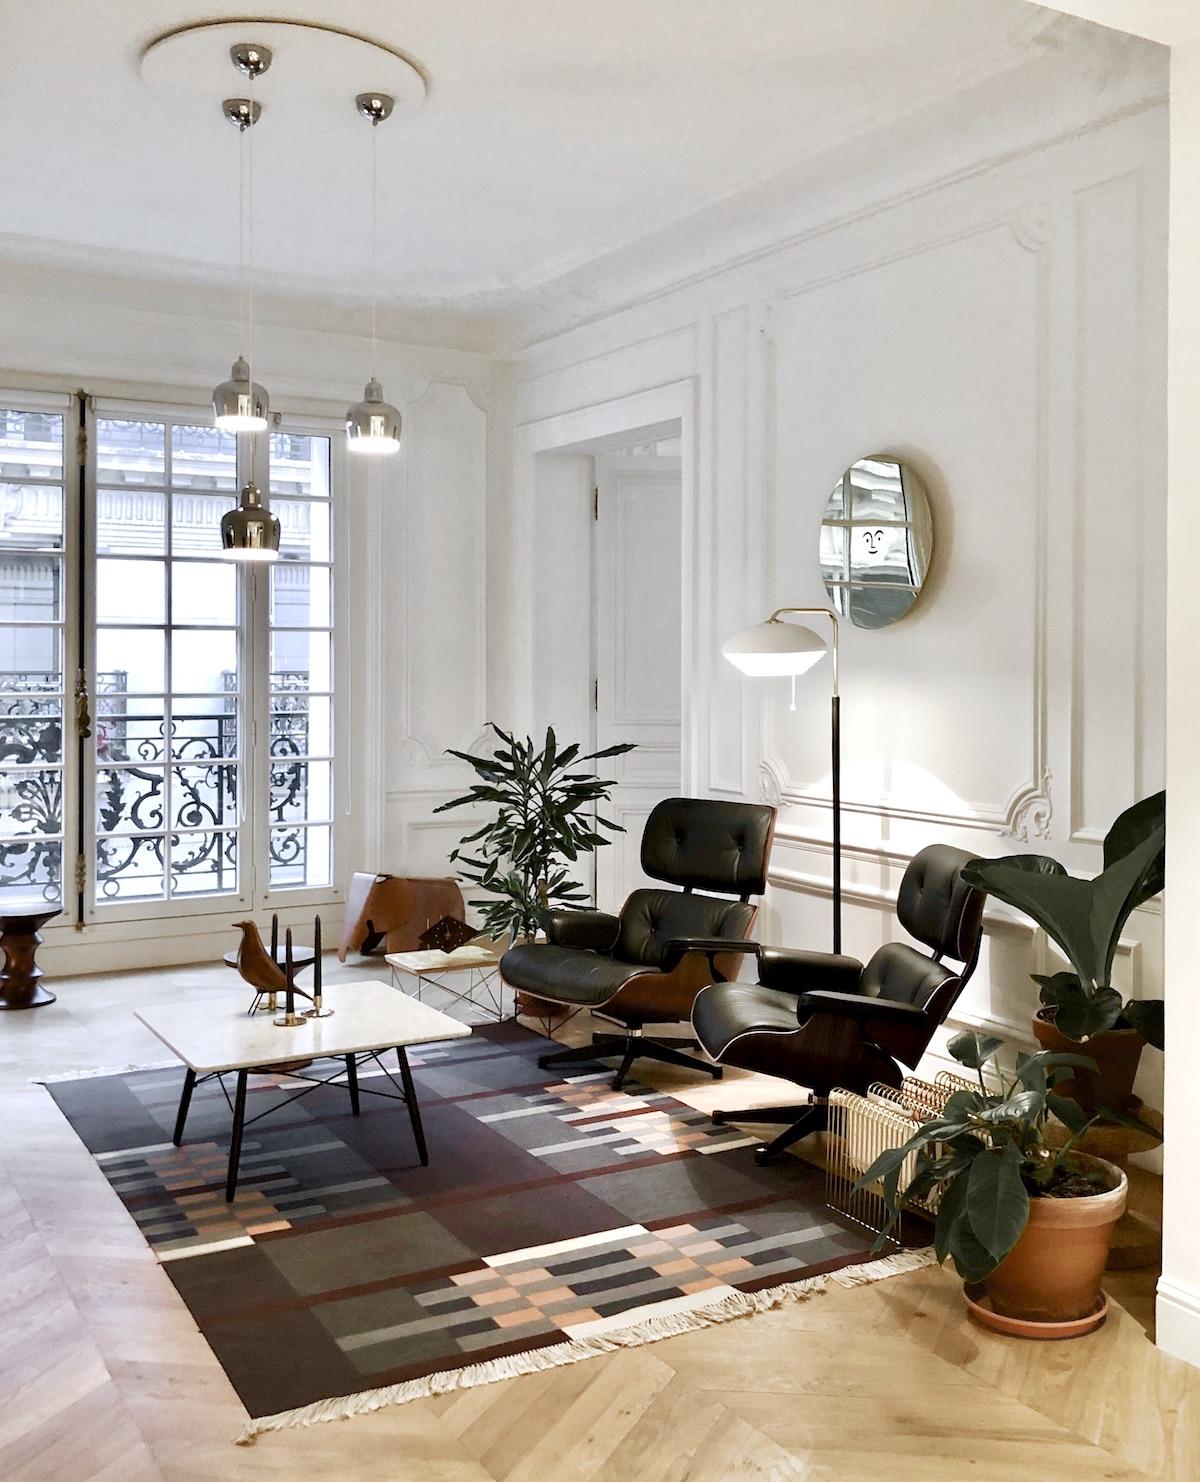 différence entre rétro et vintage - photo credit clem around the corner blog décoratrice interieur paris